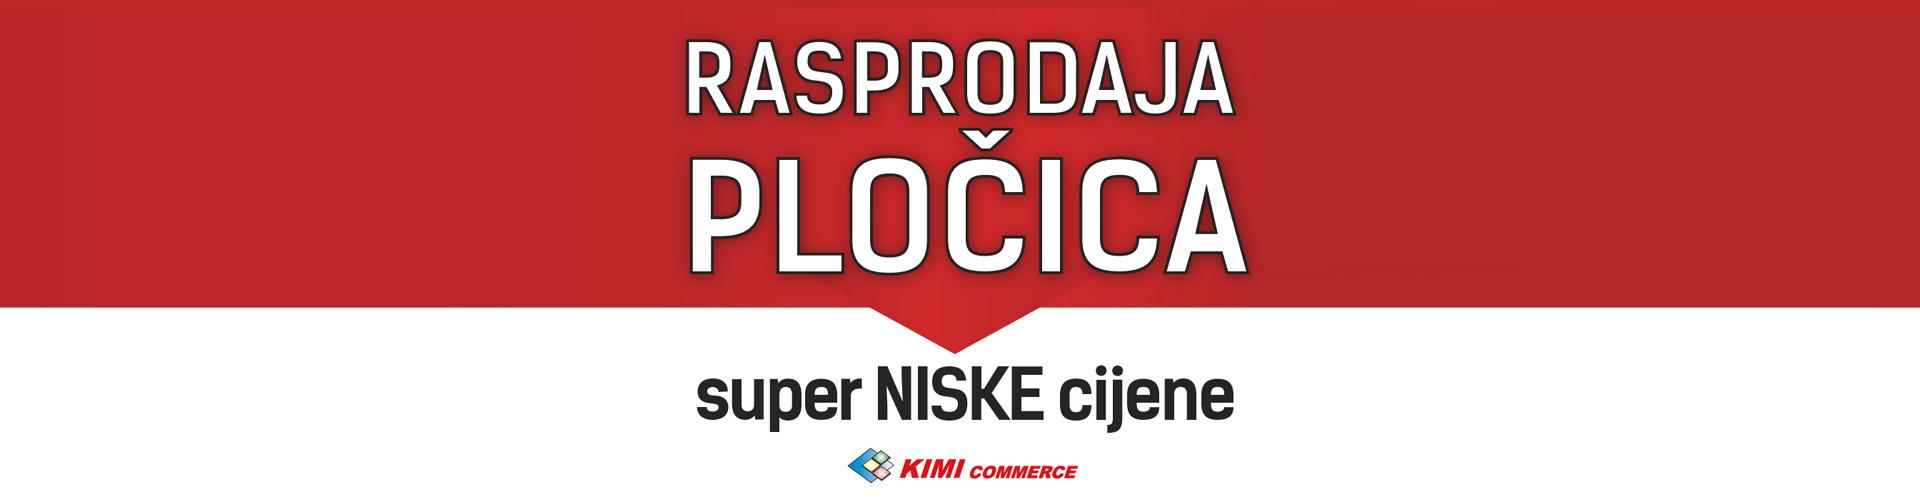 https://www.kimicommerce.hr/Repository/Banners/banner-ljetna-akcija-totalna-rasprodaja-plocica-062019.jpg